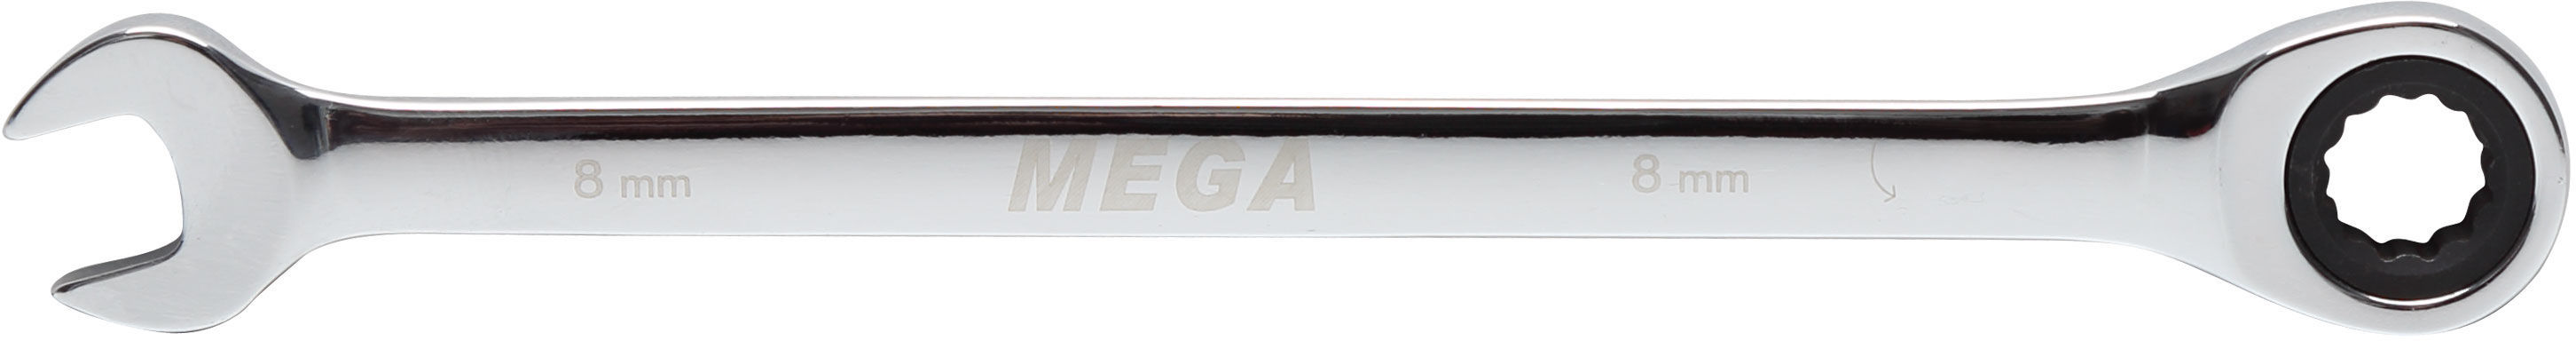 Klucz oczkowo-płaski z grzechotką, 8mm